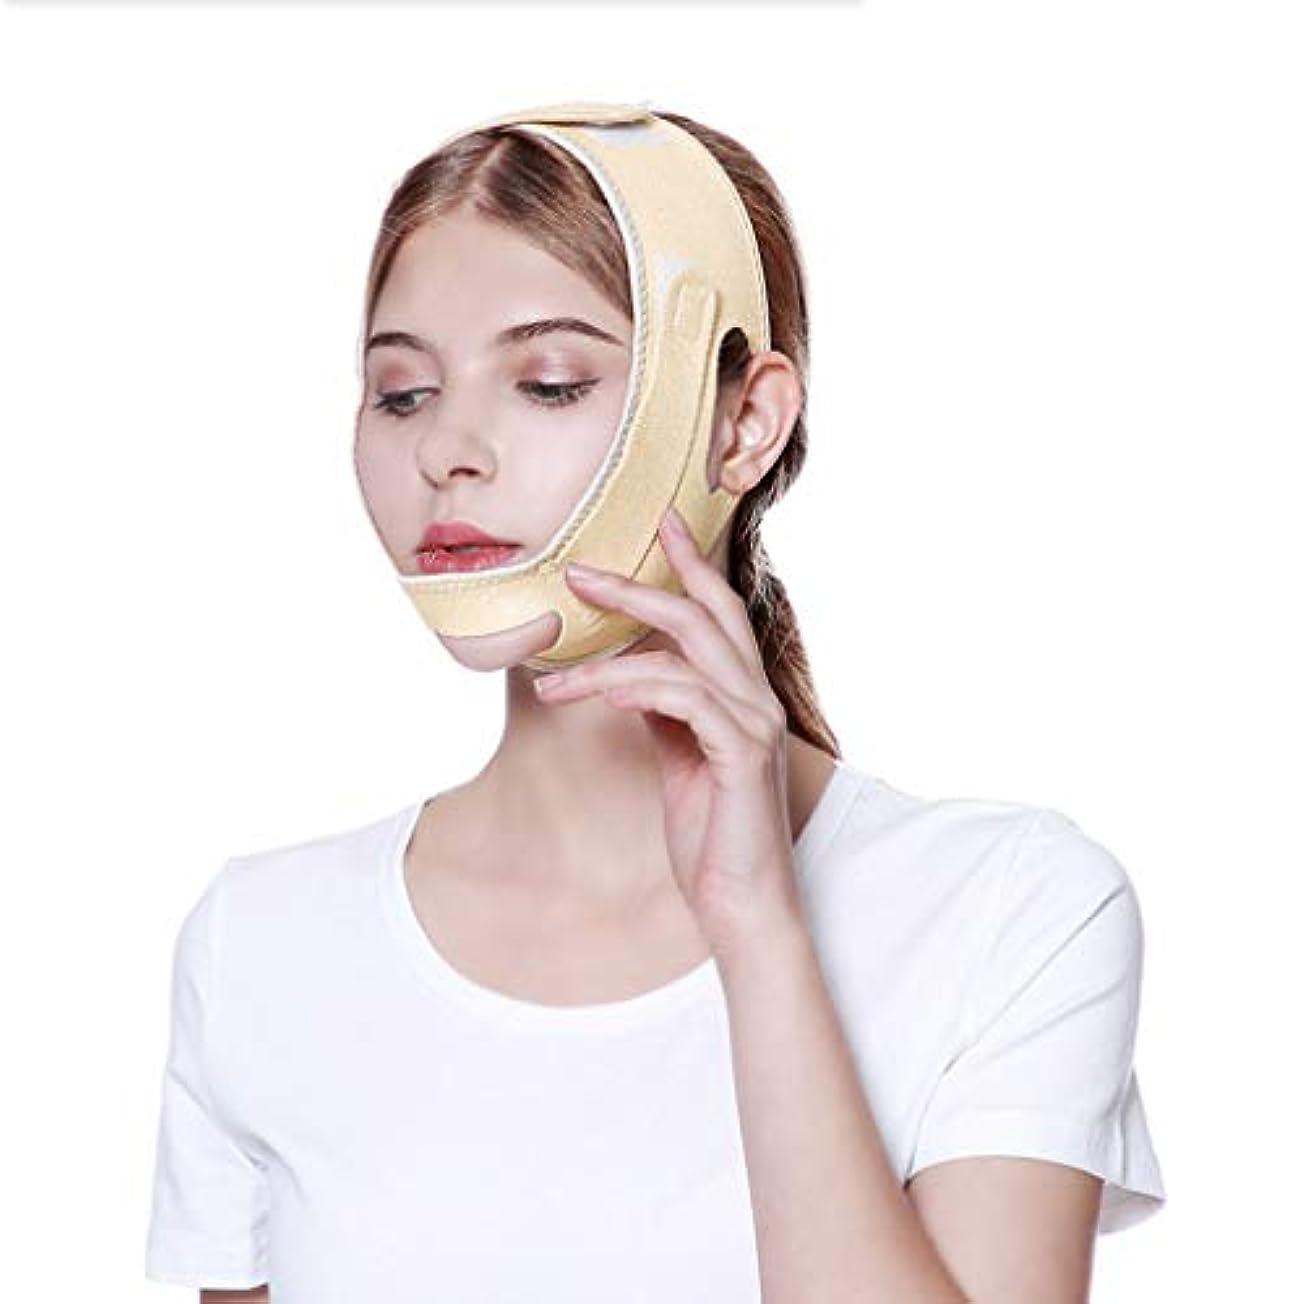 動かない中世の一晩顔面重量損失顔包帯 v 顔楽器顔ツールマスクライン彫刻手術回復ヘッドギアダブルあご